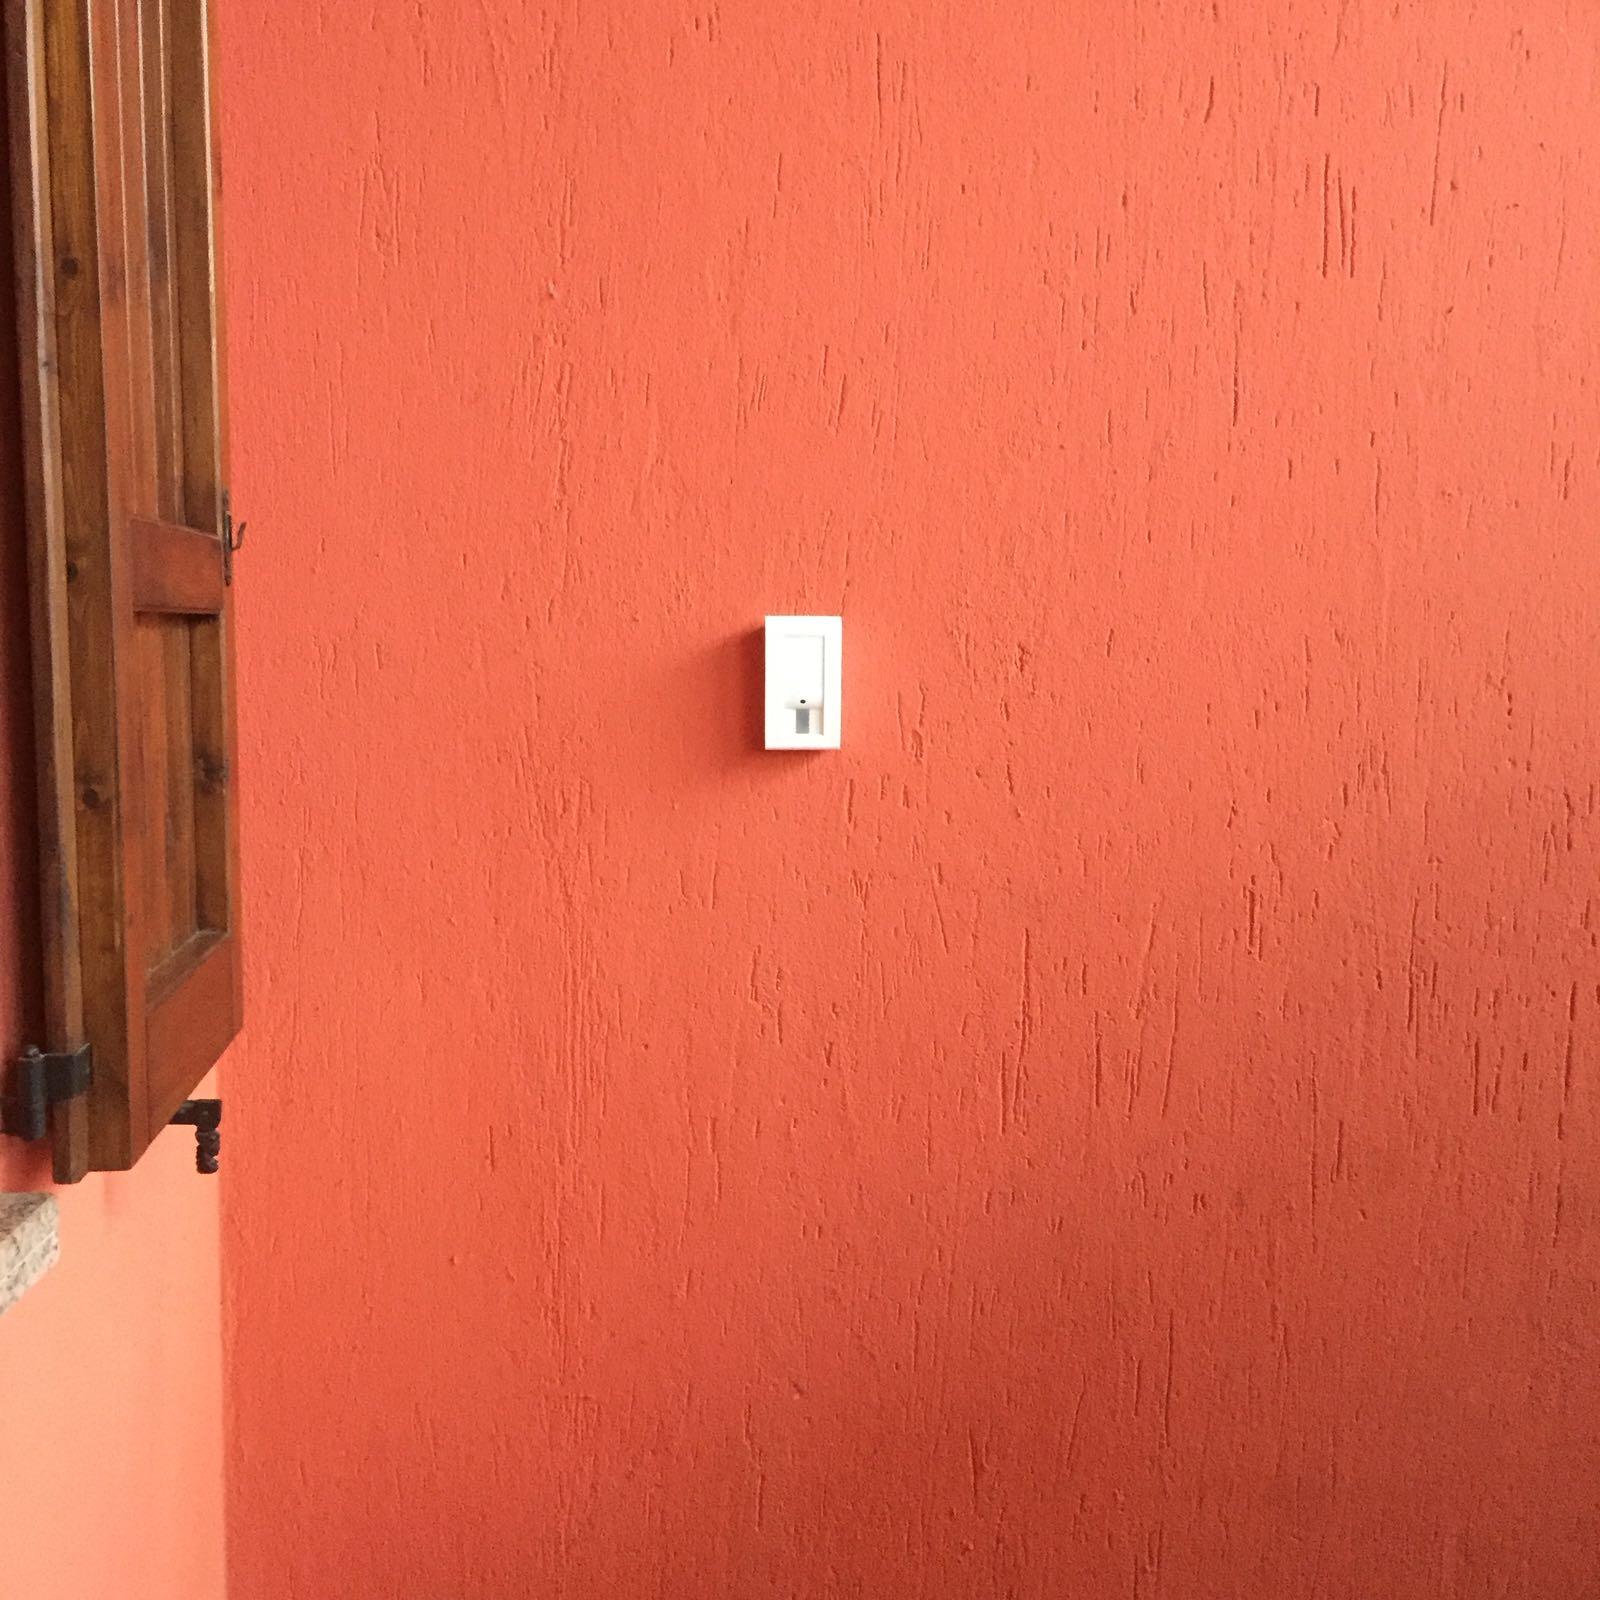 Allarme casa impianto di sicurezza e4 falcoalarm - Impianto di allarme casa ...